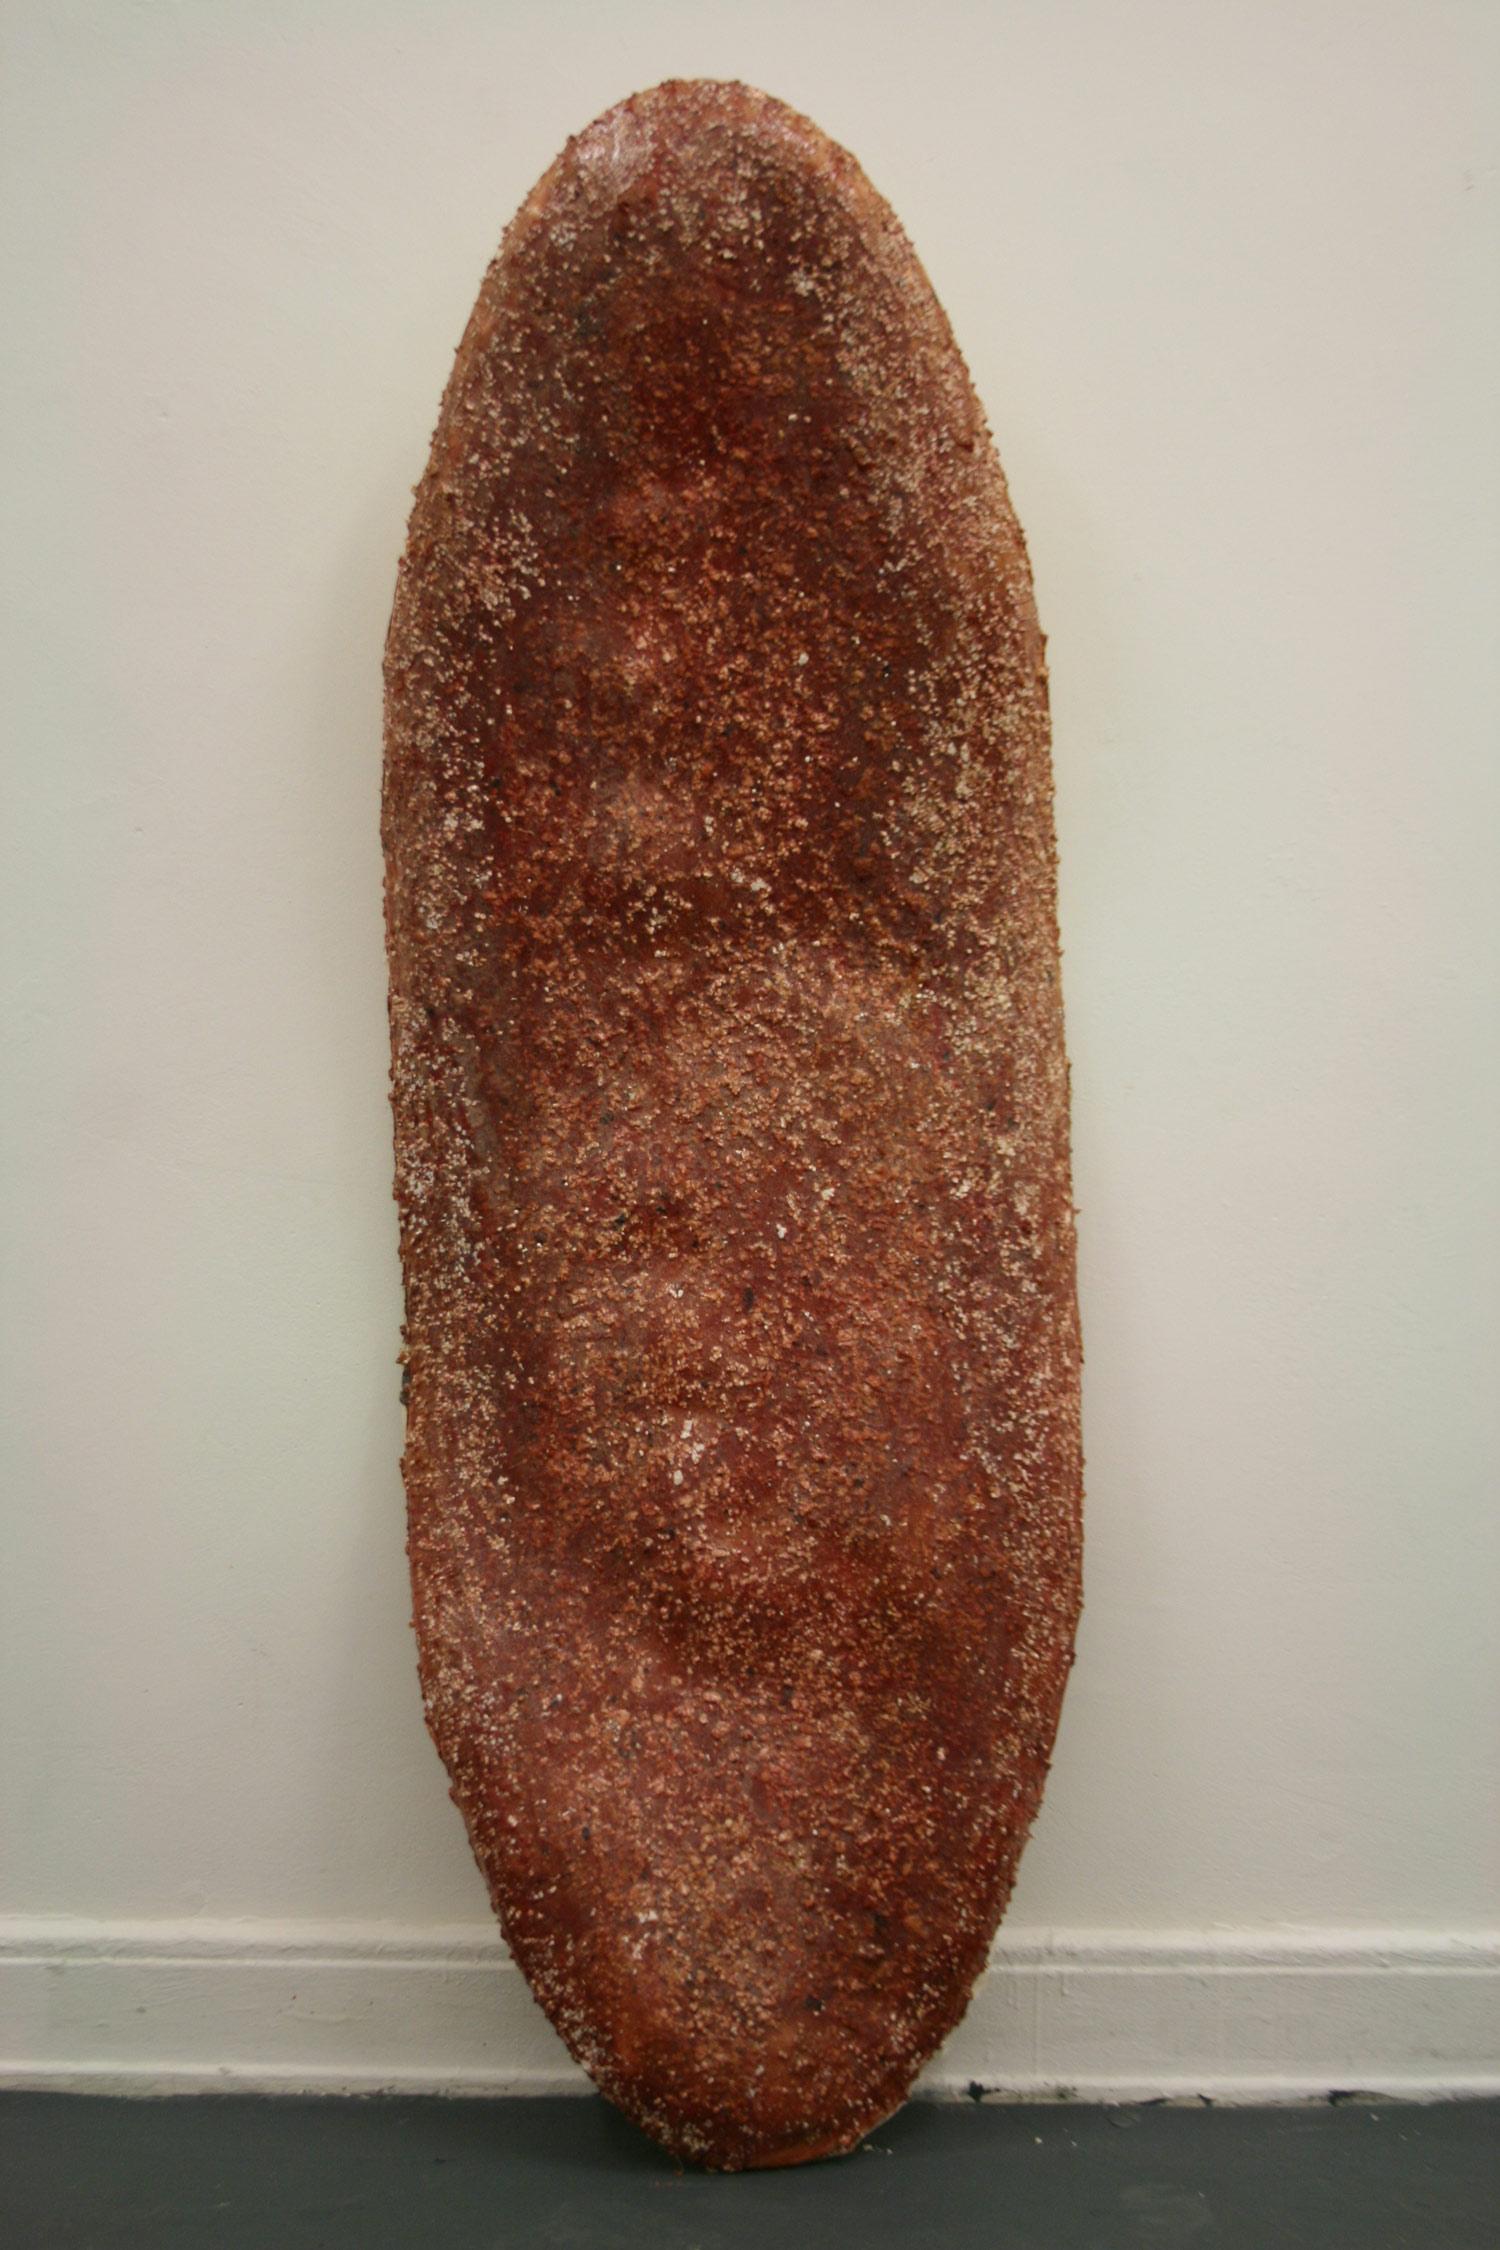 Laura Link . ohne Titel . 2013 . Pigment, Styrophor, Knochenleim, Schaumstoff, Holz, Leinwand . 185 x 60